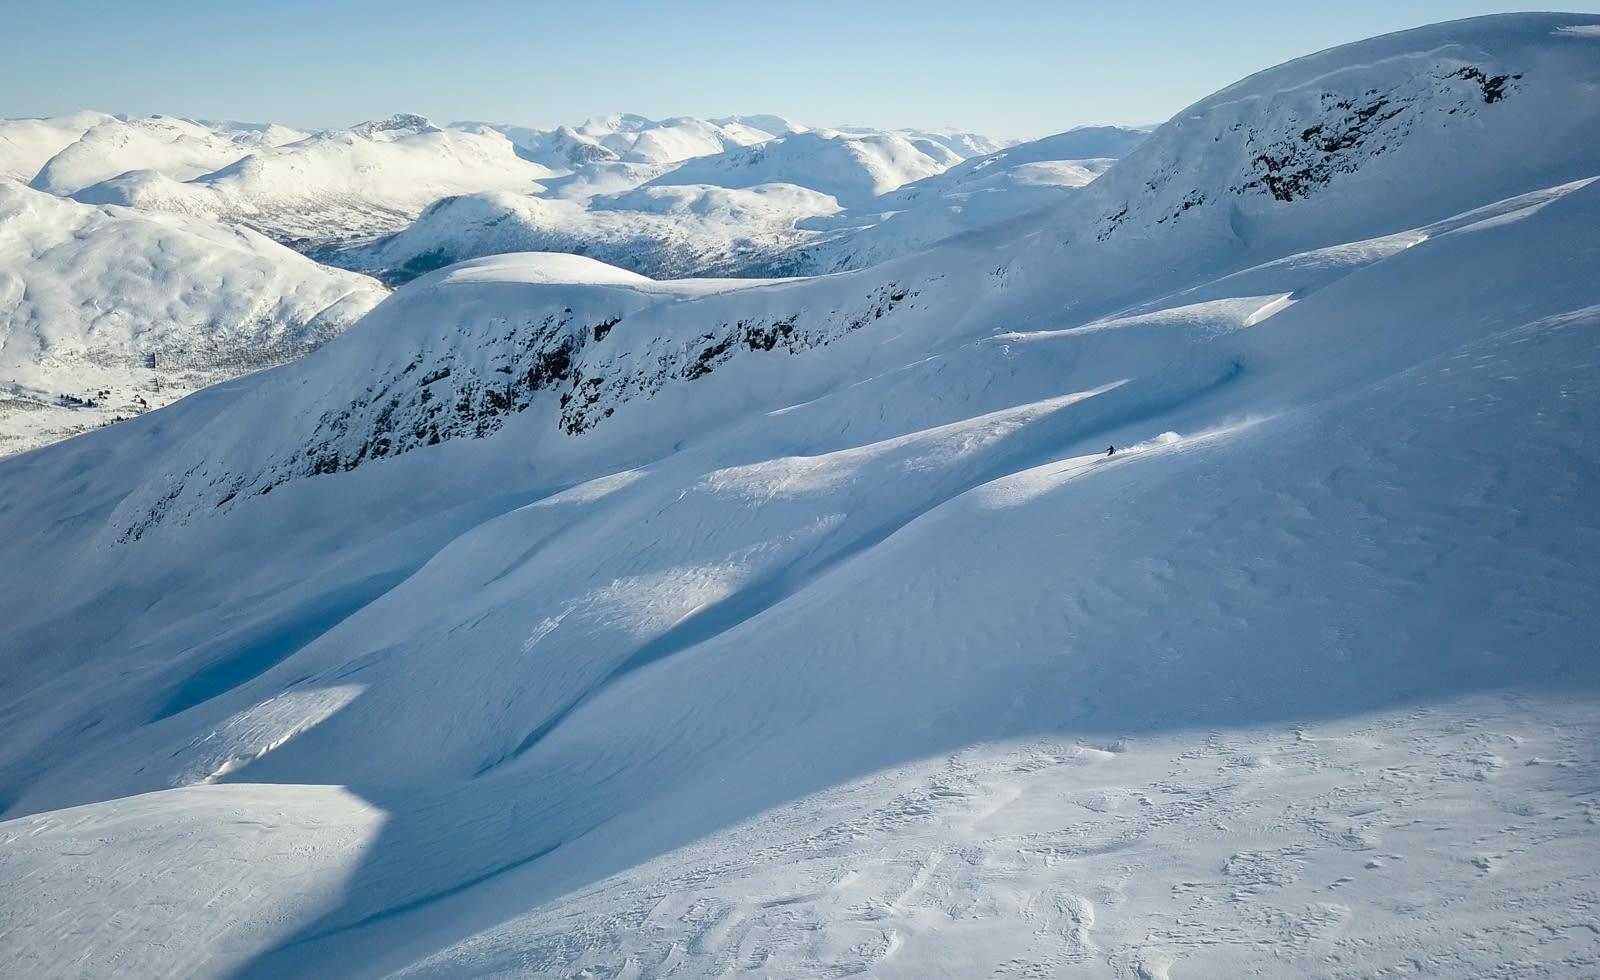 BOLLER OG BRUS: Etter en liten felletur i bakkant av Hornindal Skisenter kommer du til Guridalen som er en bolle på 2-3 kilometer. Det er lett å finne urørt snø, for å si det sånn. Bilde: Christian Nerdrum